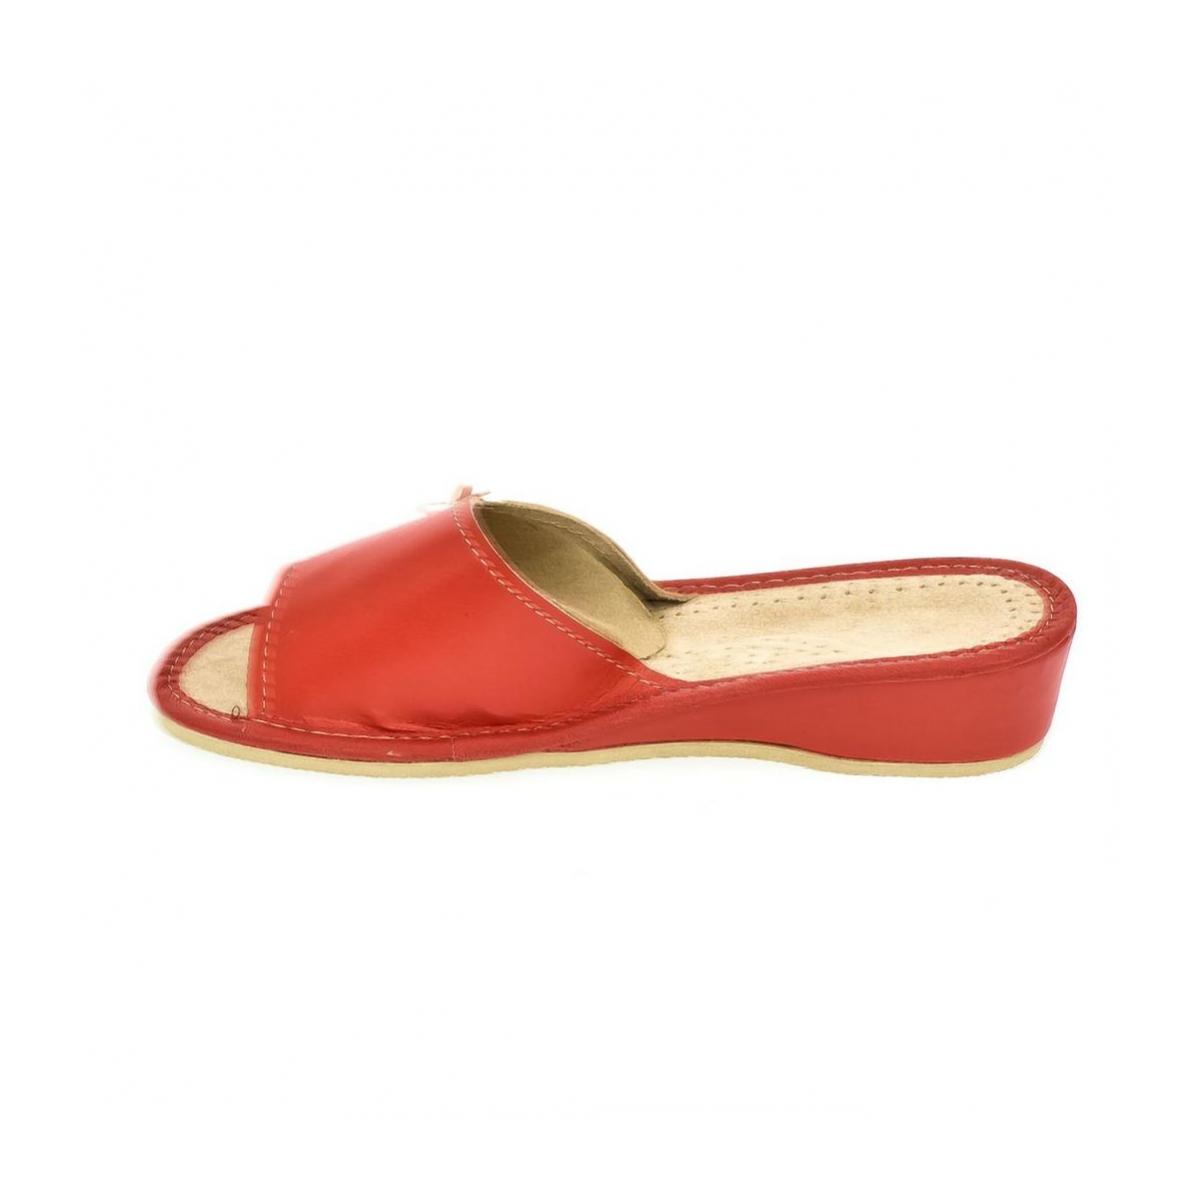 a9a9d3c8bf4c Dámske červené papuče Zita - 5